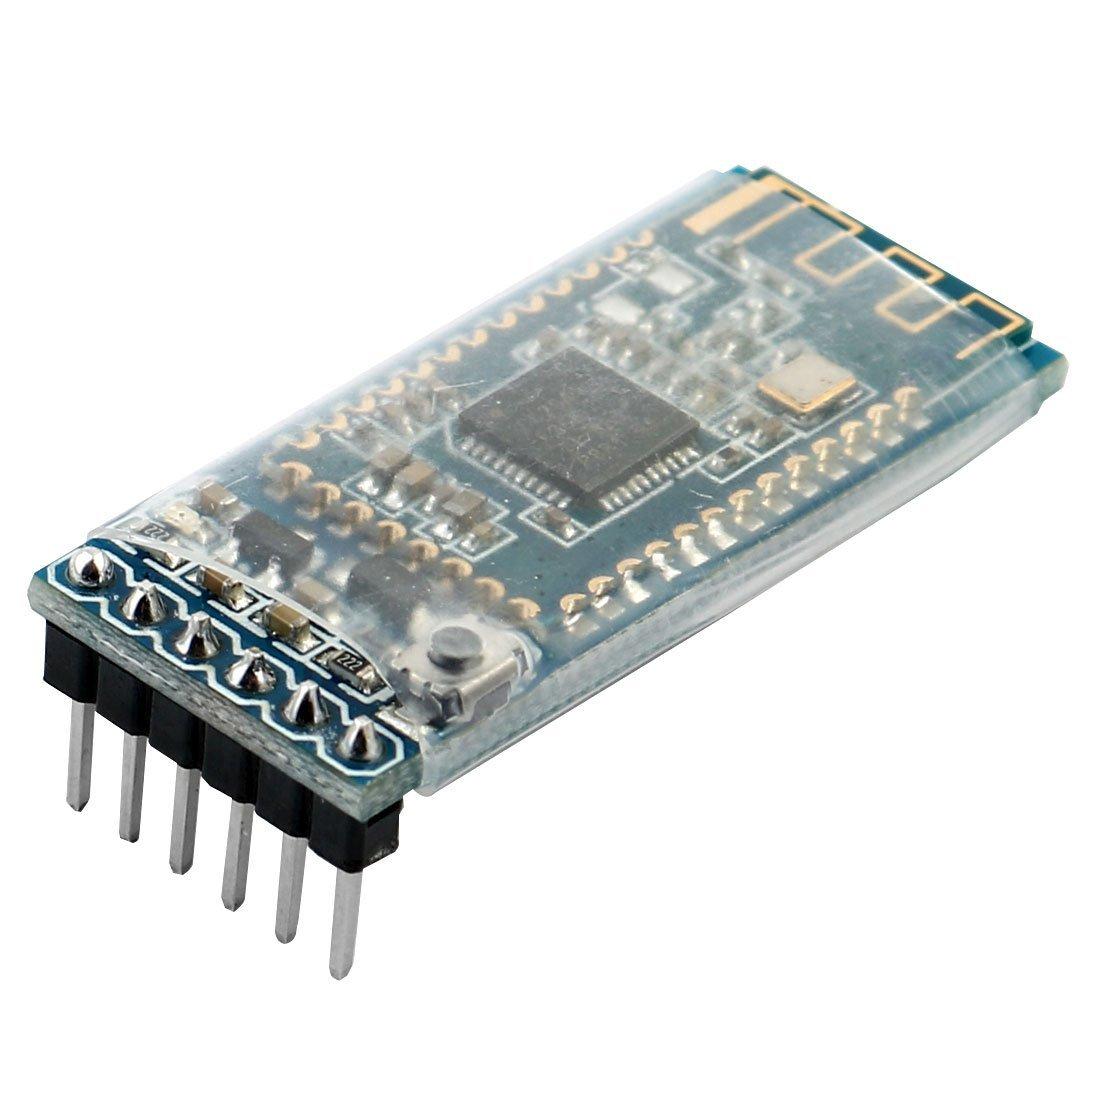 Amazon.com: eDealMax Baja potencia BLE Bluetooth 4.0 CC2541 módulo inalámbrico de Serie Para Android iOS: Electronics